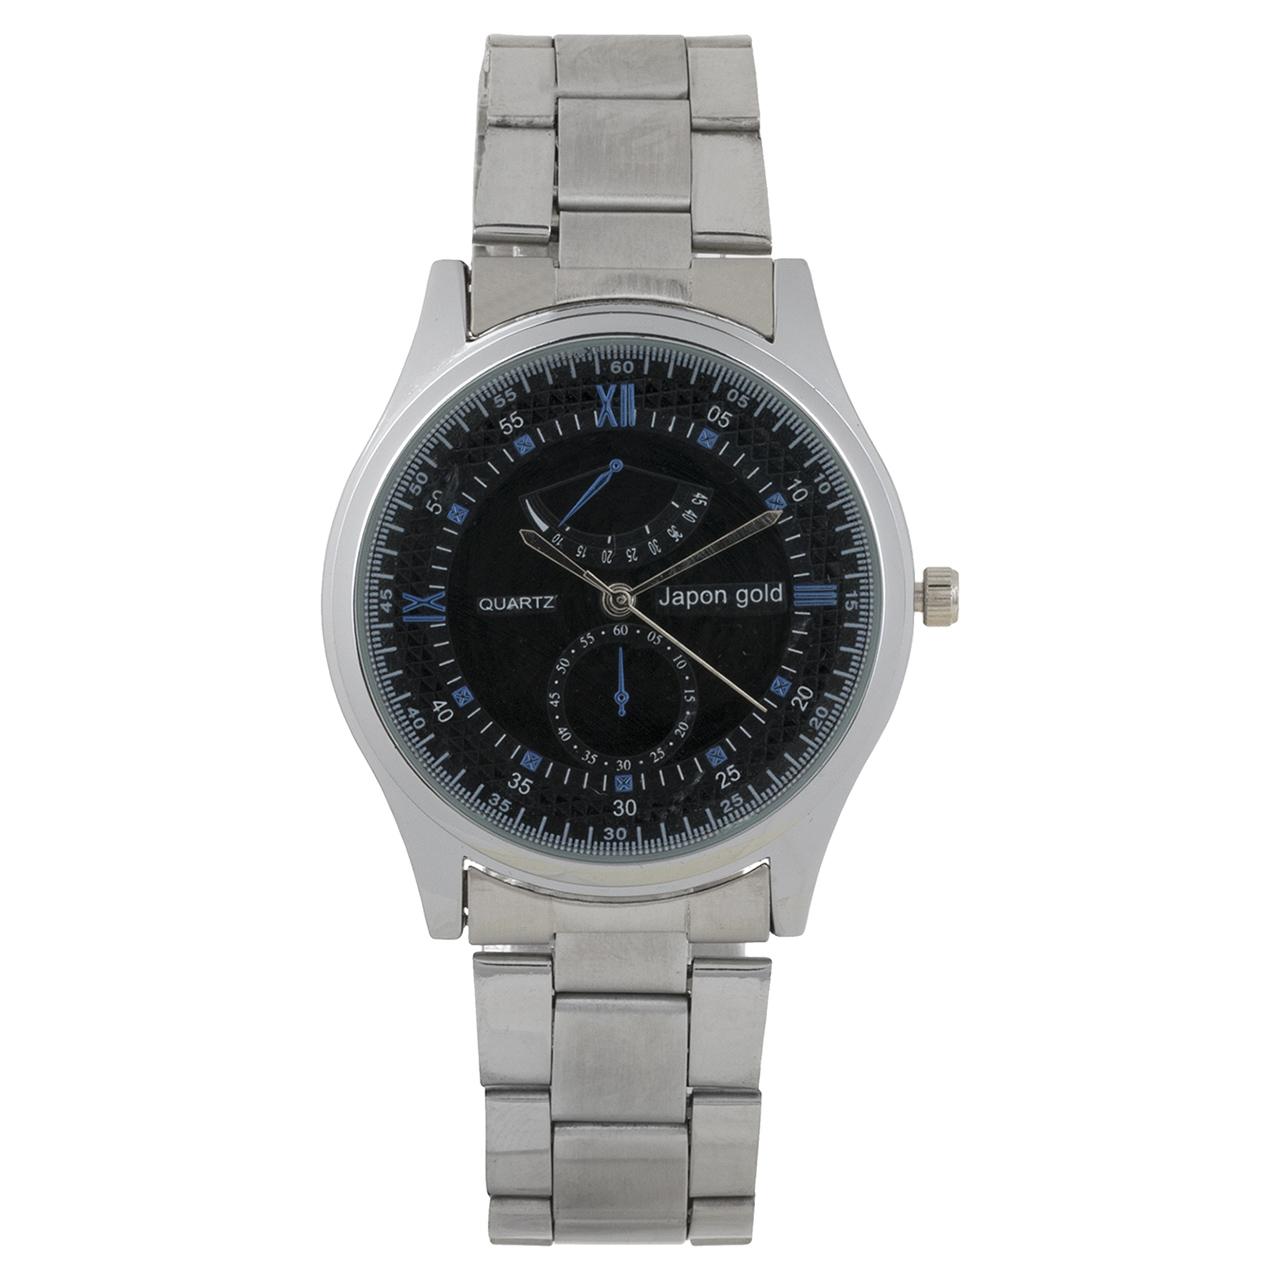 ساعت مچی عقربه ای ژاپن گلد مدل M011 53